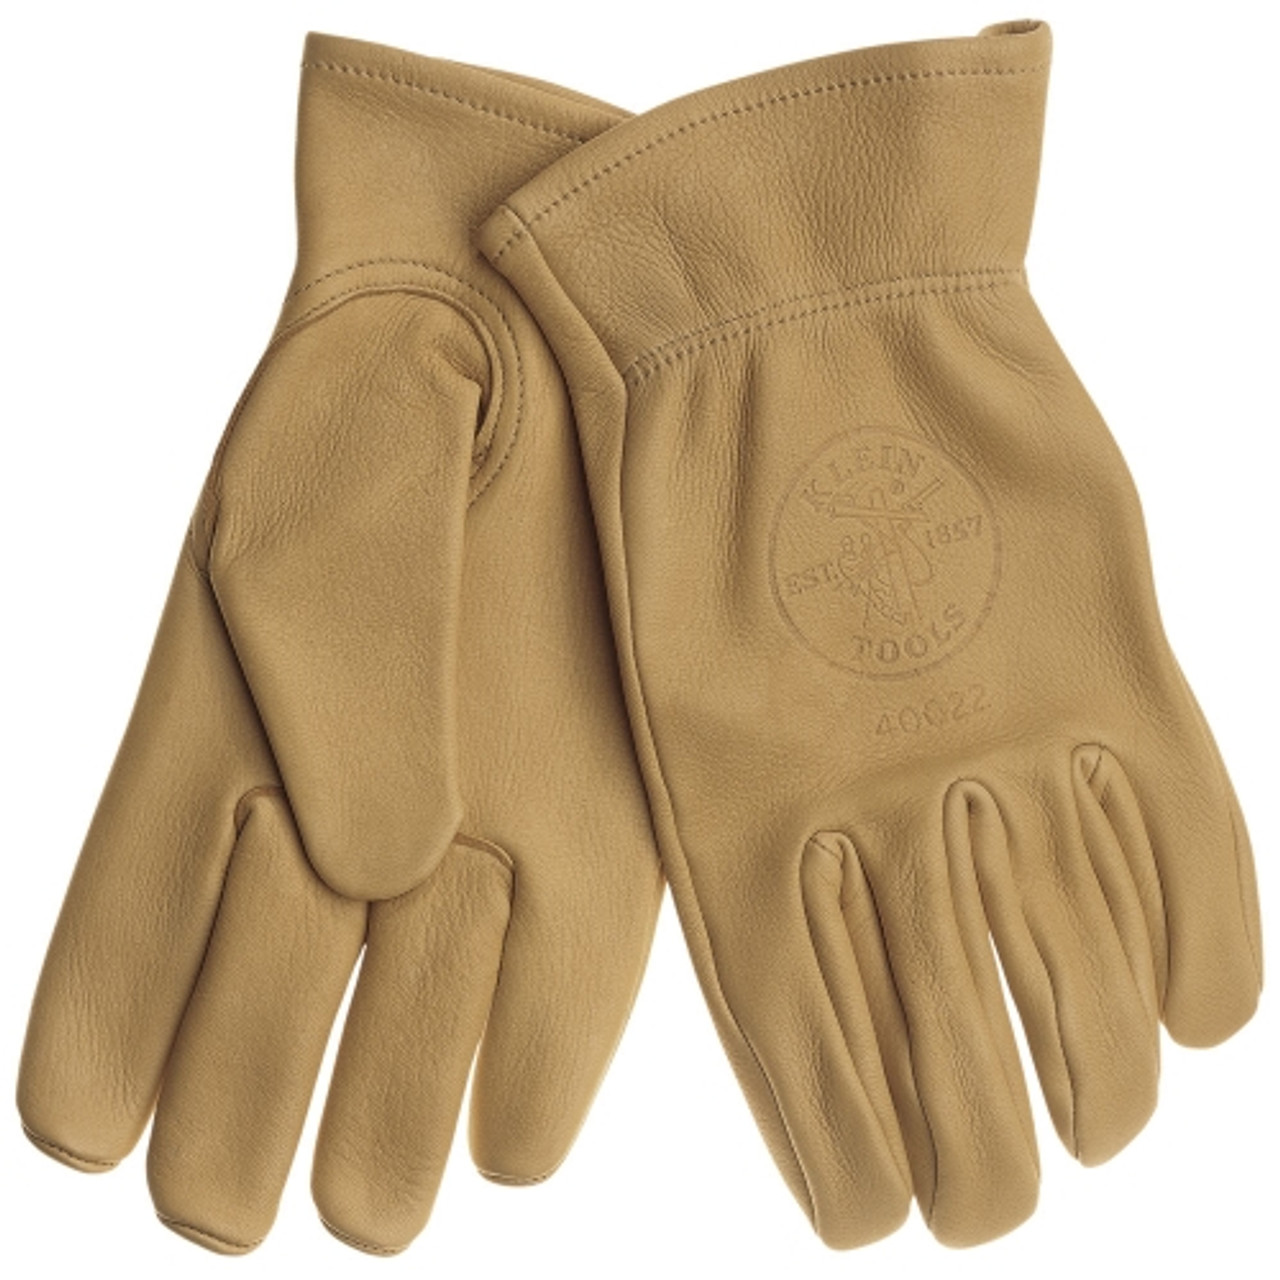 Klein 40021 Cowhide Work Gloves Medium